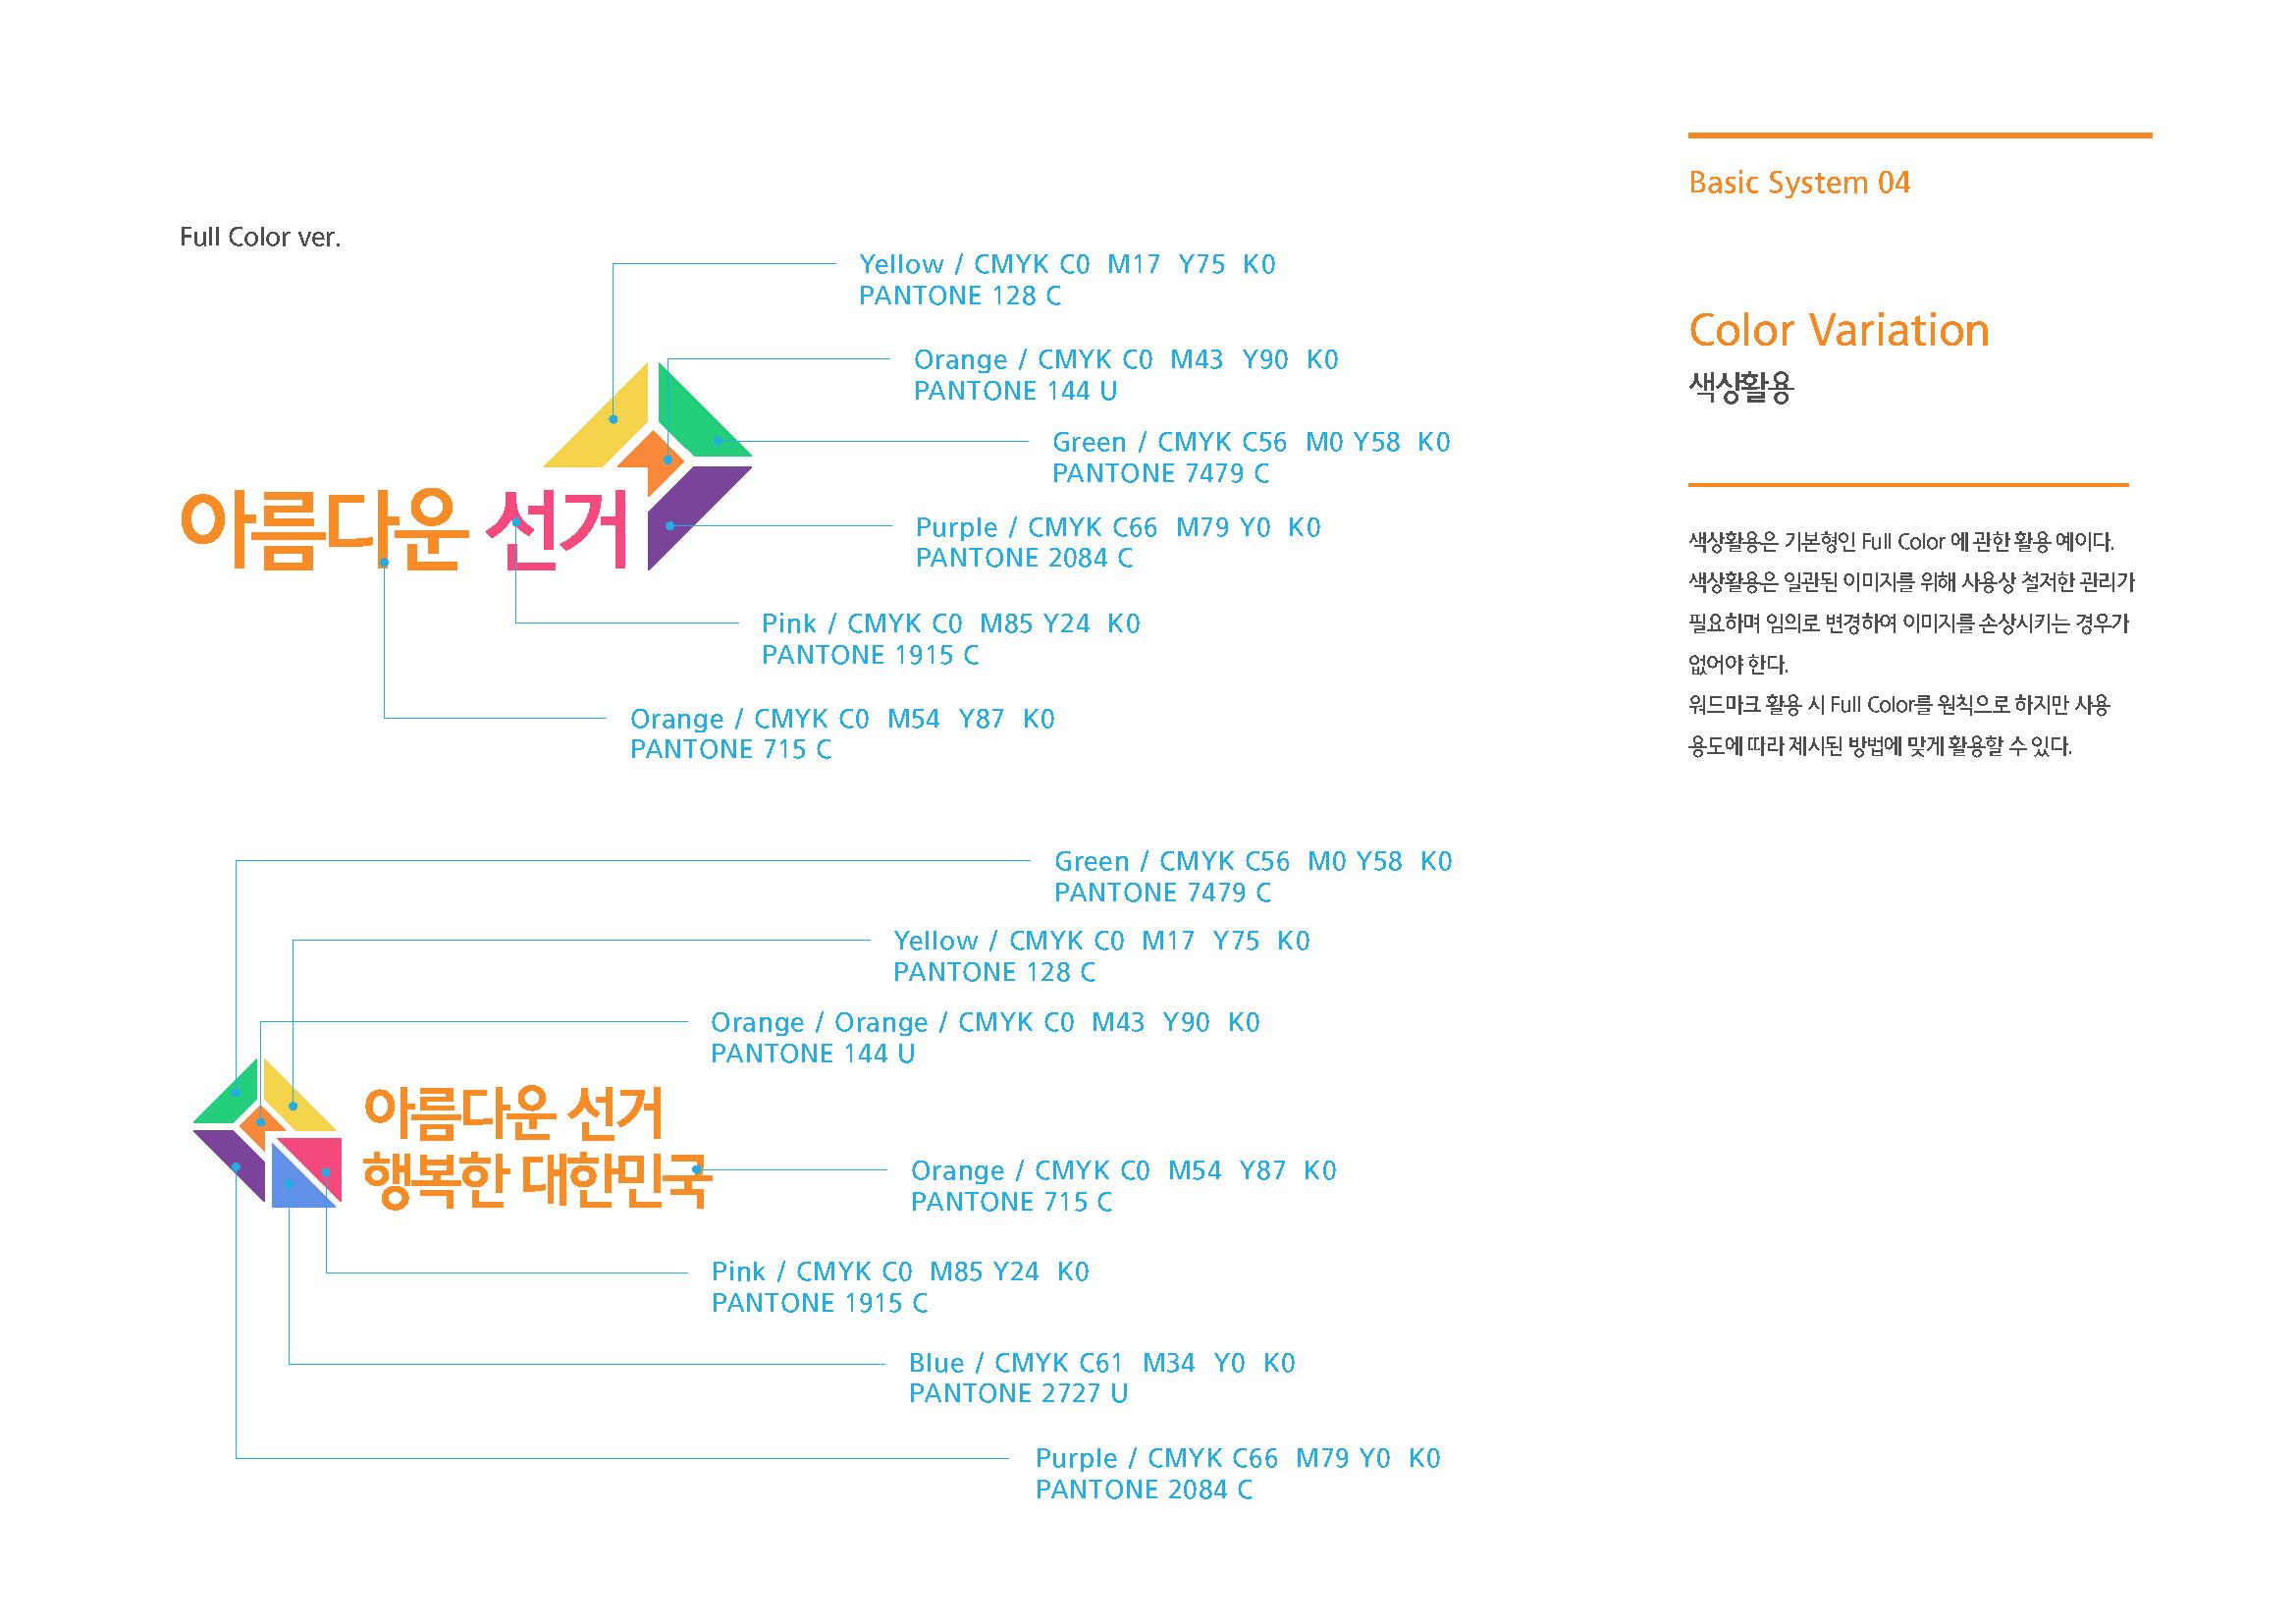 아름다운선거 BI 디자인 가이드라인_v1.3_20170309_페이지_08